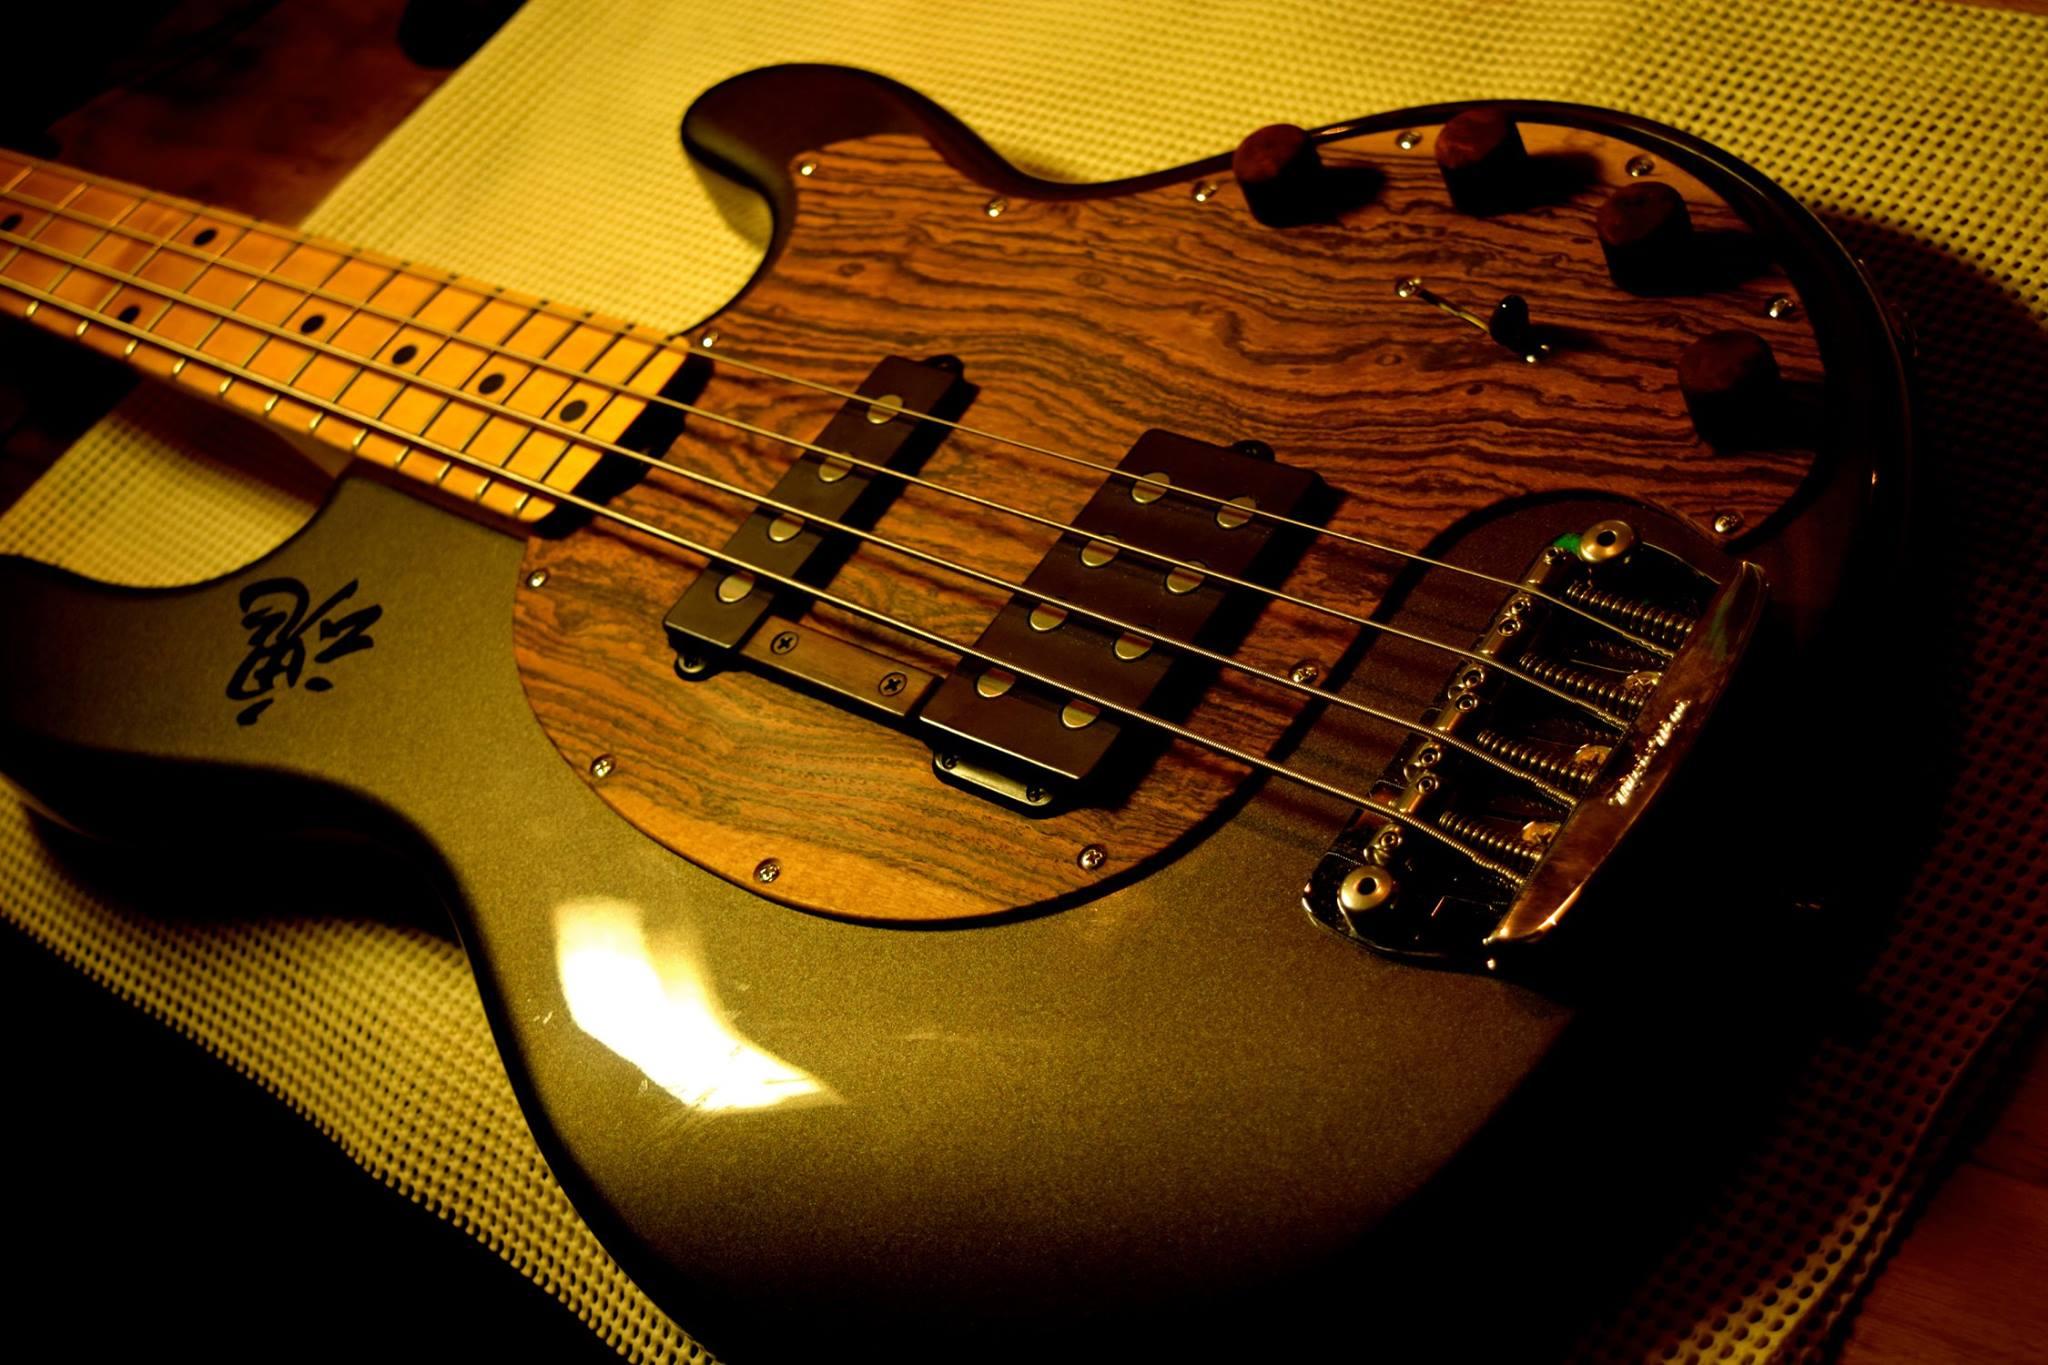 滋賀 イレブンギターズ リペア ピックガード製作 木製